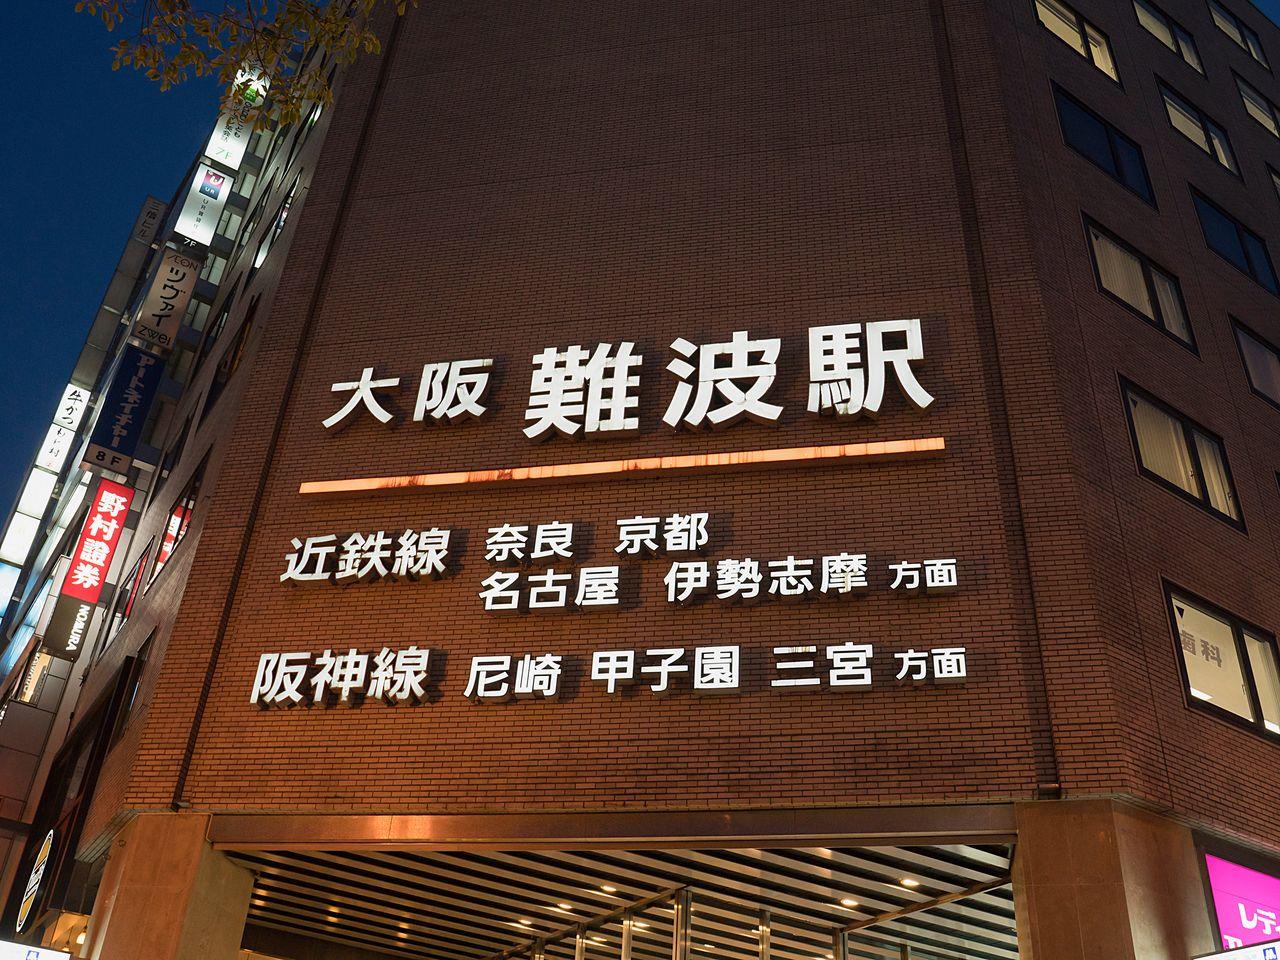 大阪ミナミを代表するターミナル駅「難波」駅は、Osaka Metro2路線に加え、私鉄の阪神、近鉄、南海が通っている